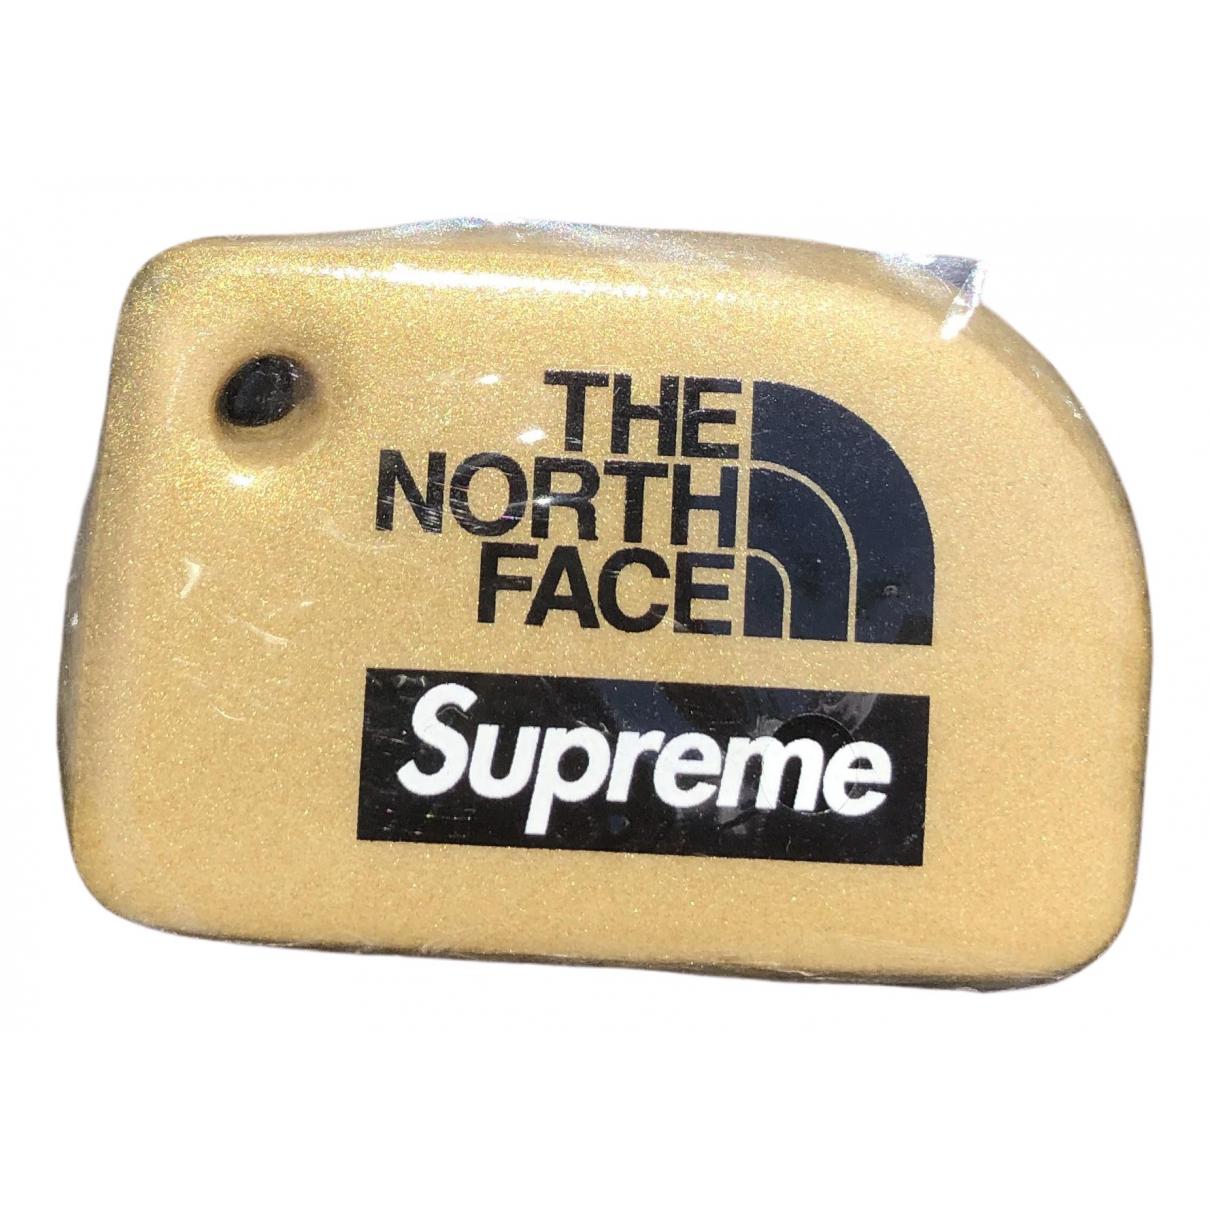 Supreme X The North Face - Bijoux de sac   pour femme - dore